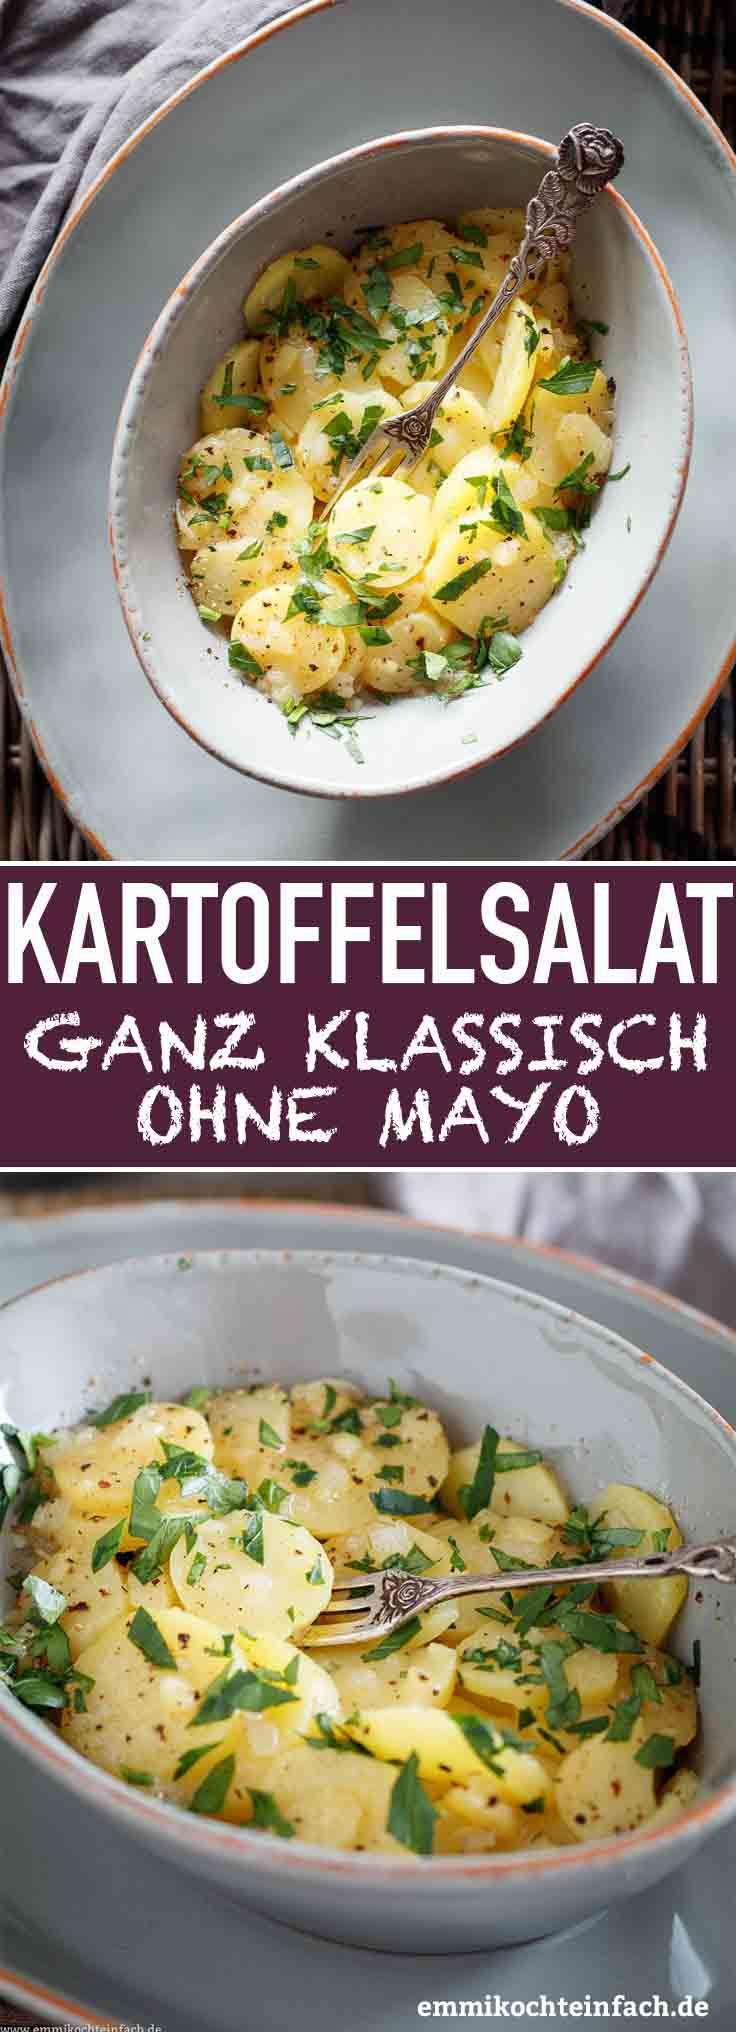 Klassischer Süddeutscher Kartoffelsalat - www.emmikochteinfach.de